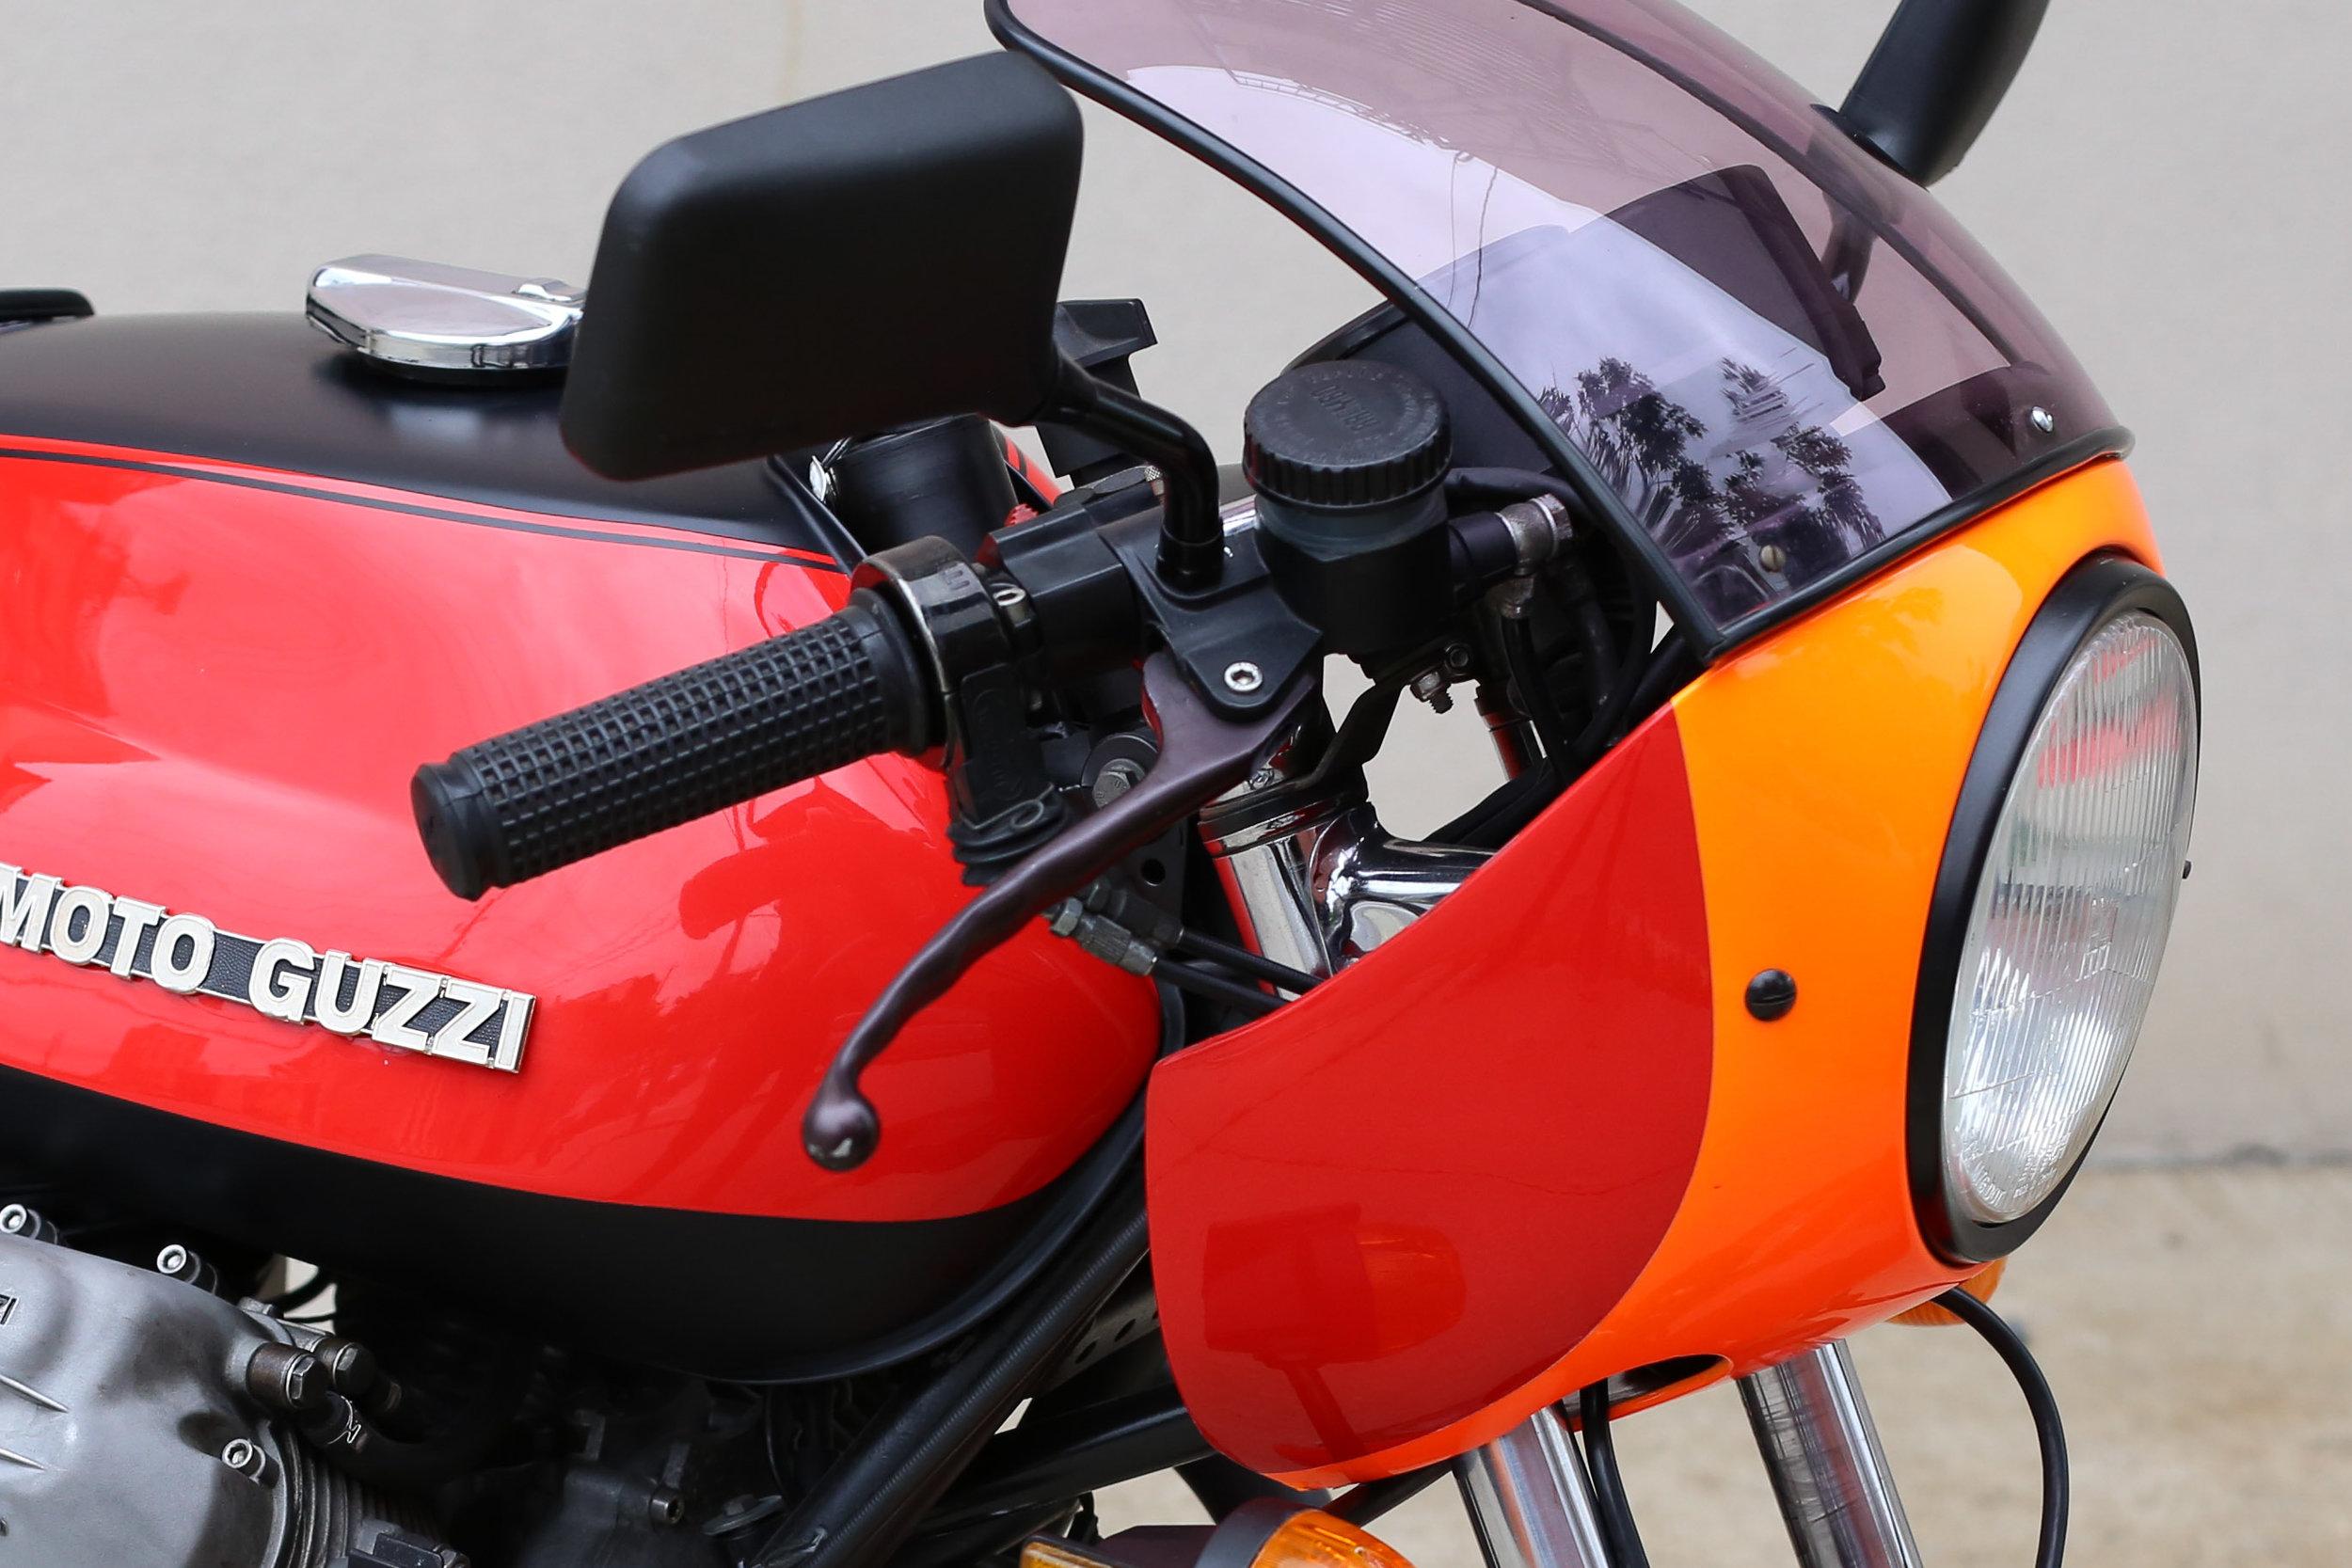 1977 Moto Guzzi Lemans 1 front